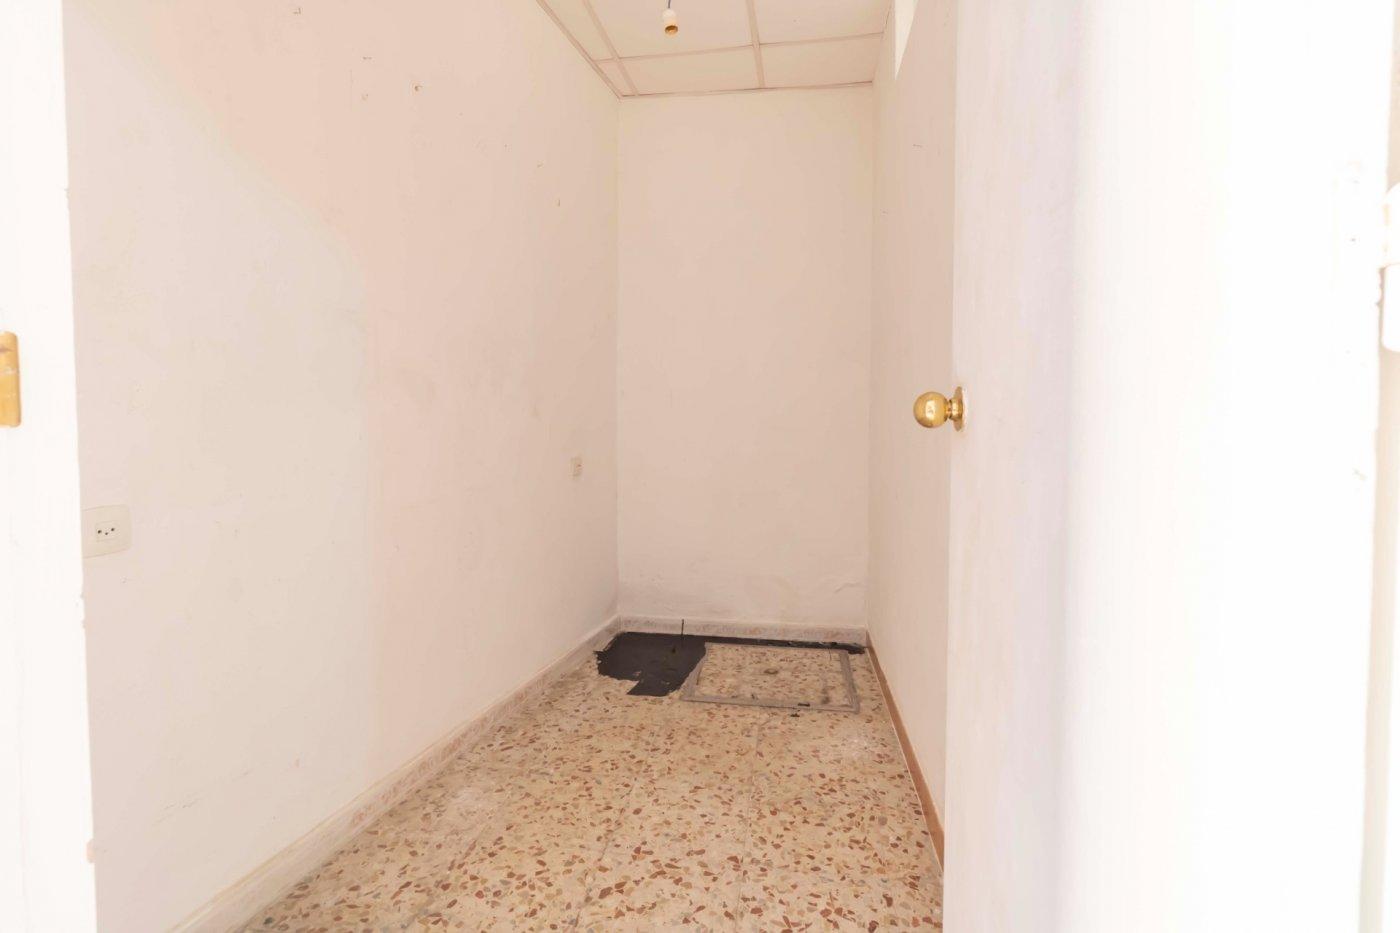 2 pisos a la venta por el precio de uno en zona padre pÍo - imagenInmueble23